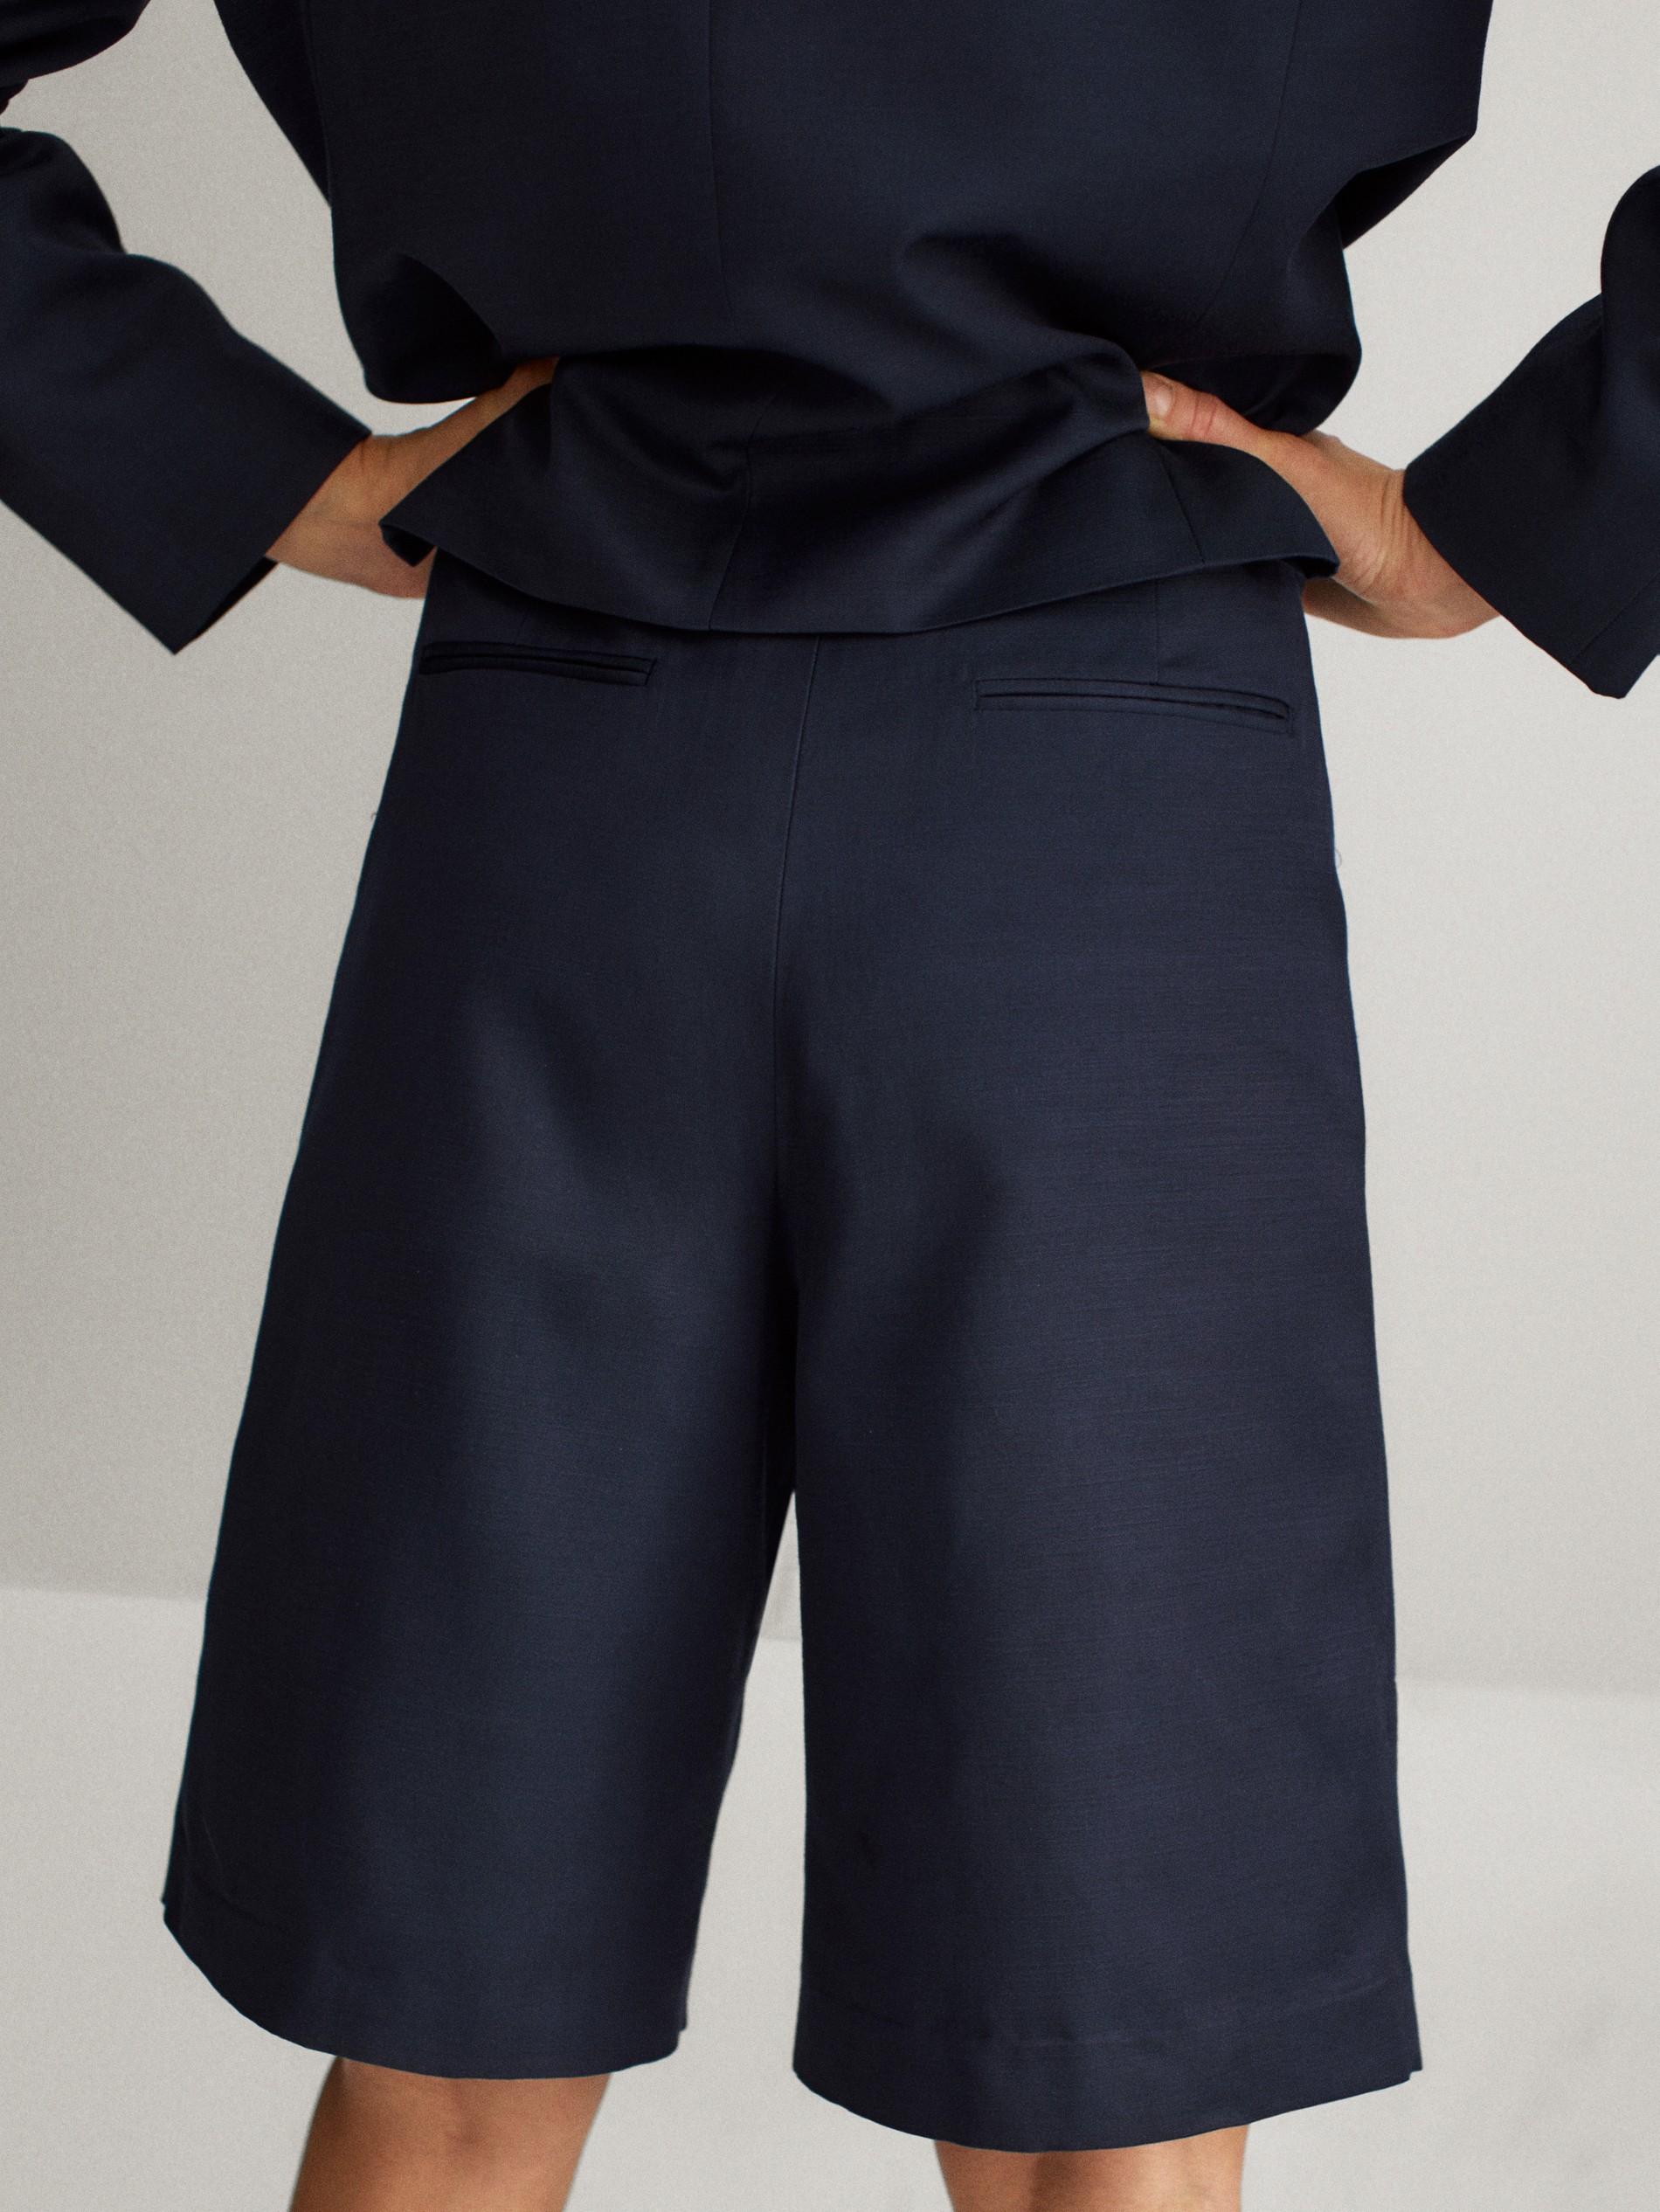 Men Suit Womens high-end Business Blue Crepe Suit Skirt